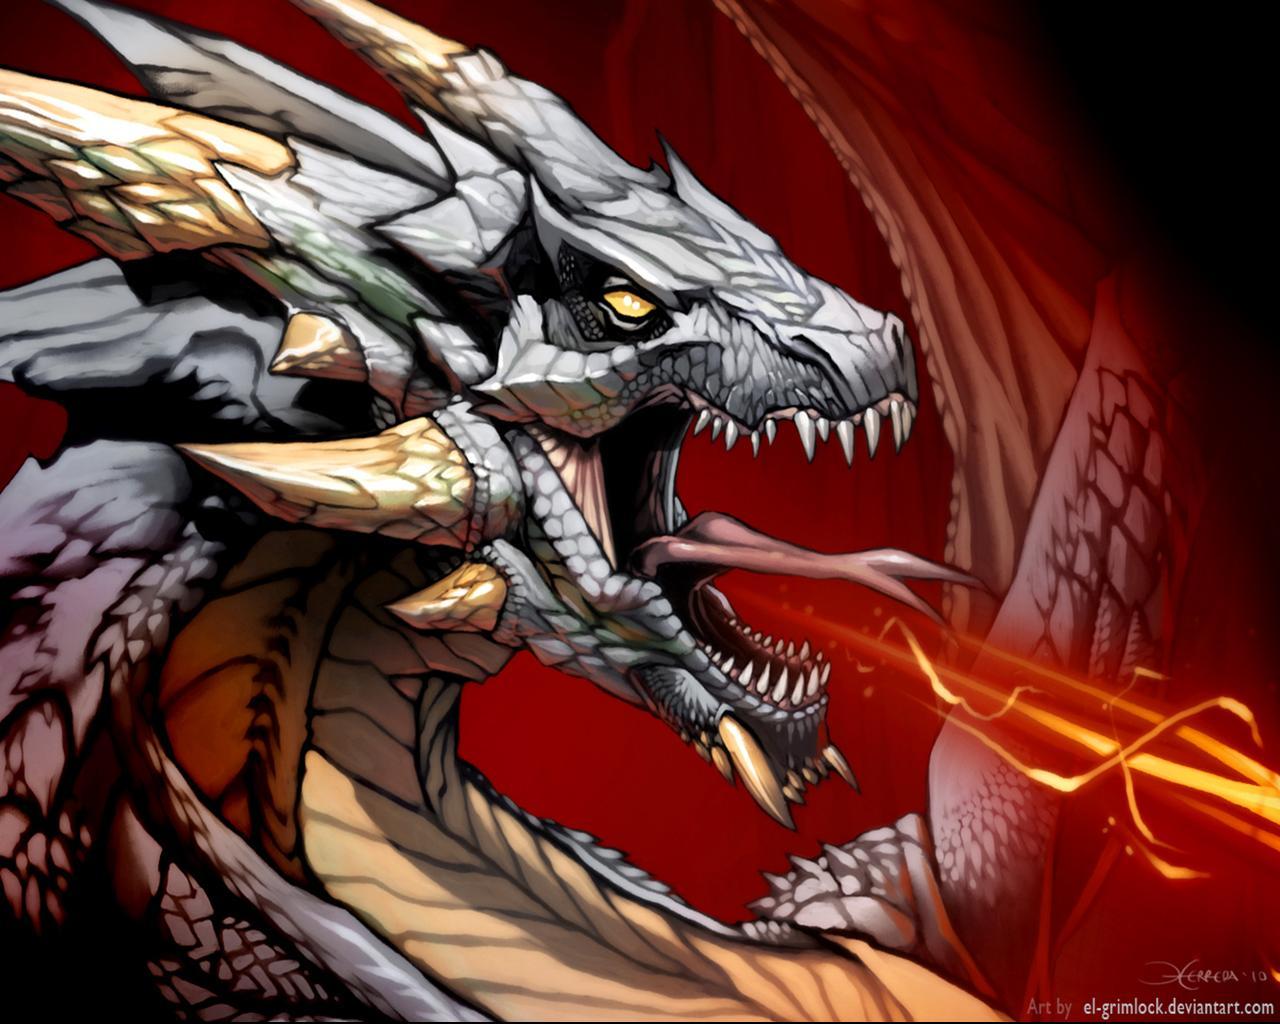 рисунок дракон, фото, скачать, обои ня рабочий стол